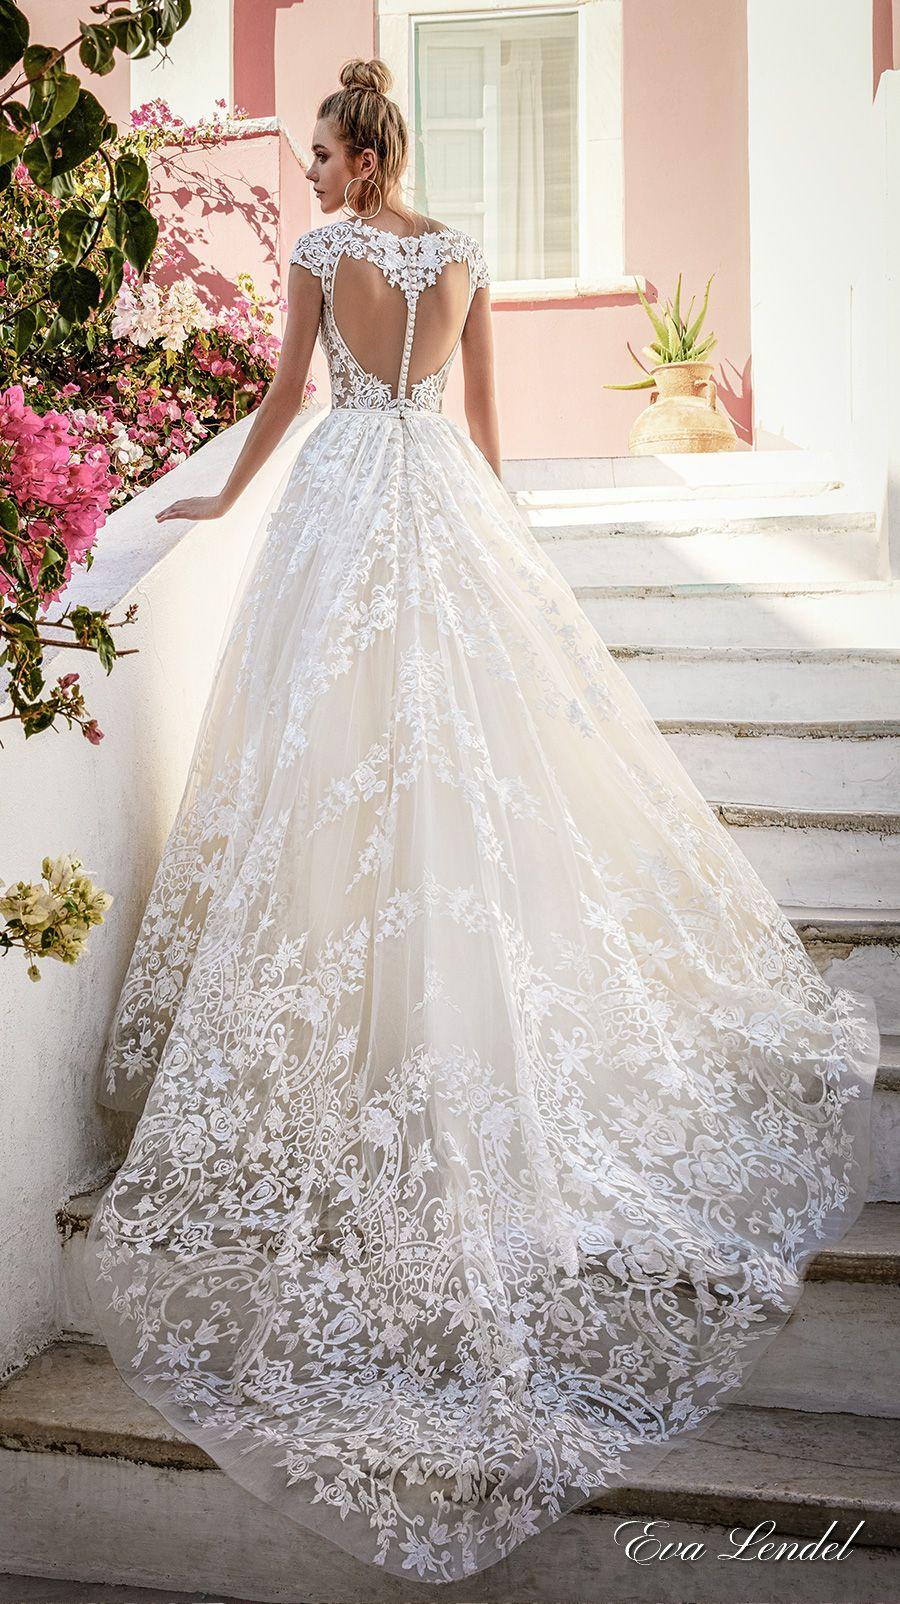 Eva lendel 2017 wedding dresses santorini bridal for Picture of wedding dresses